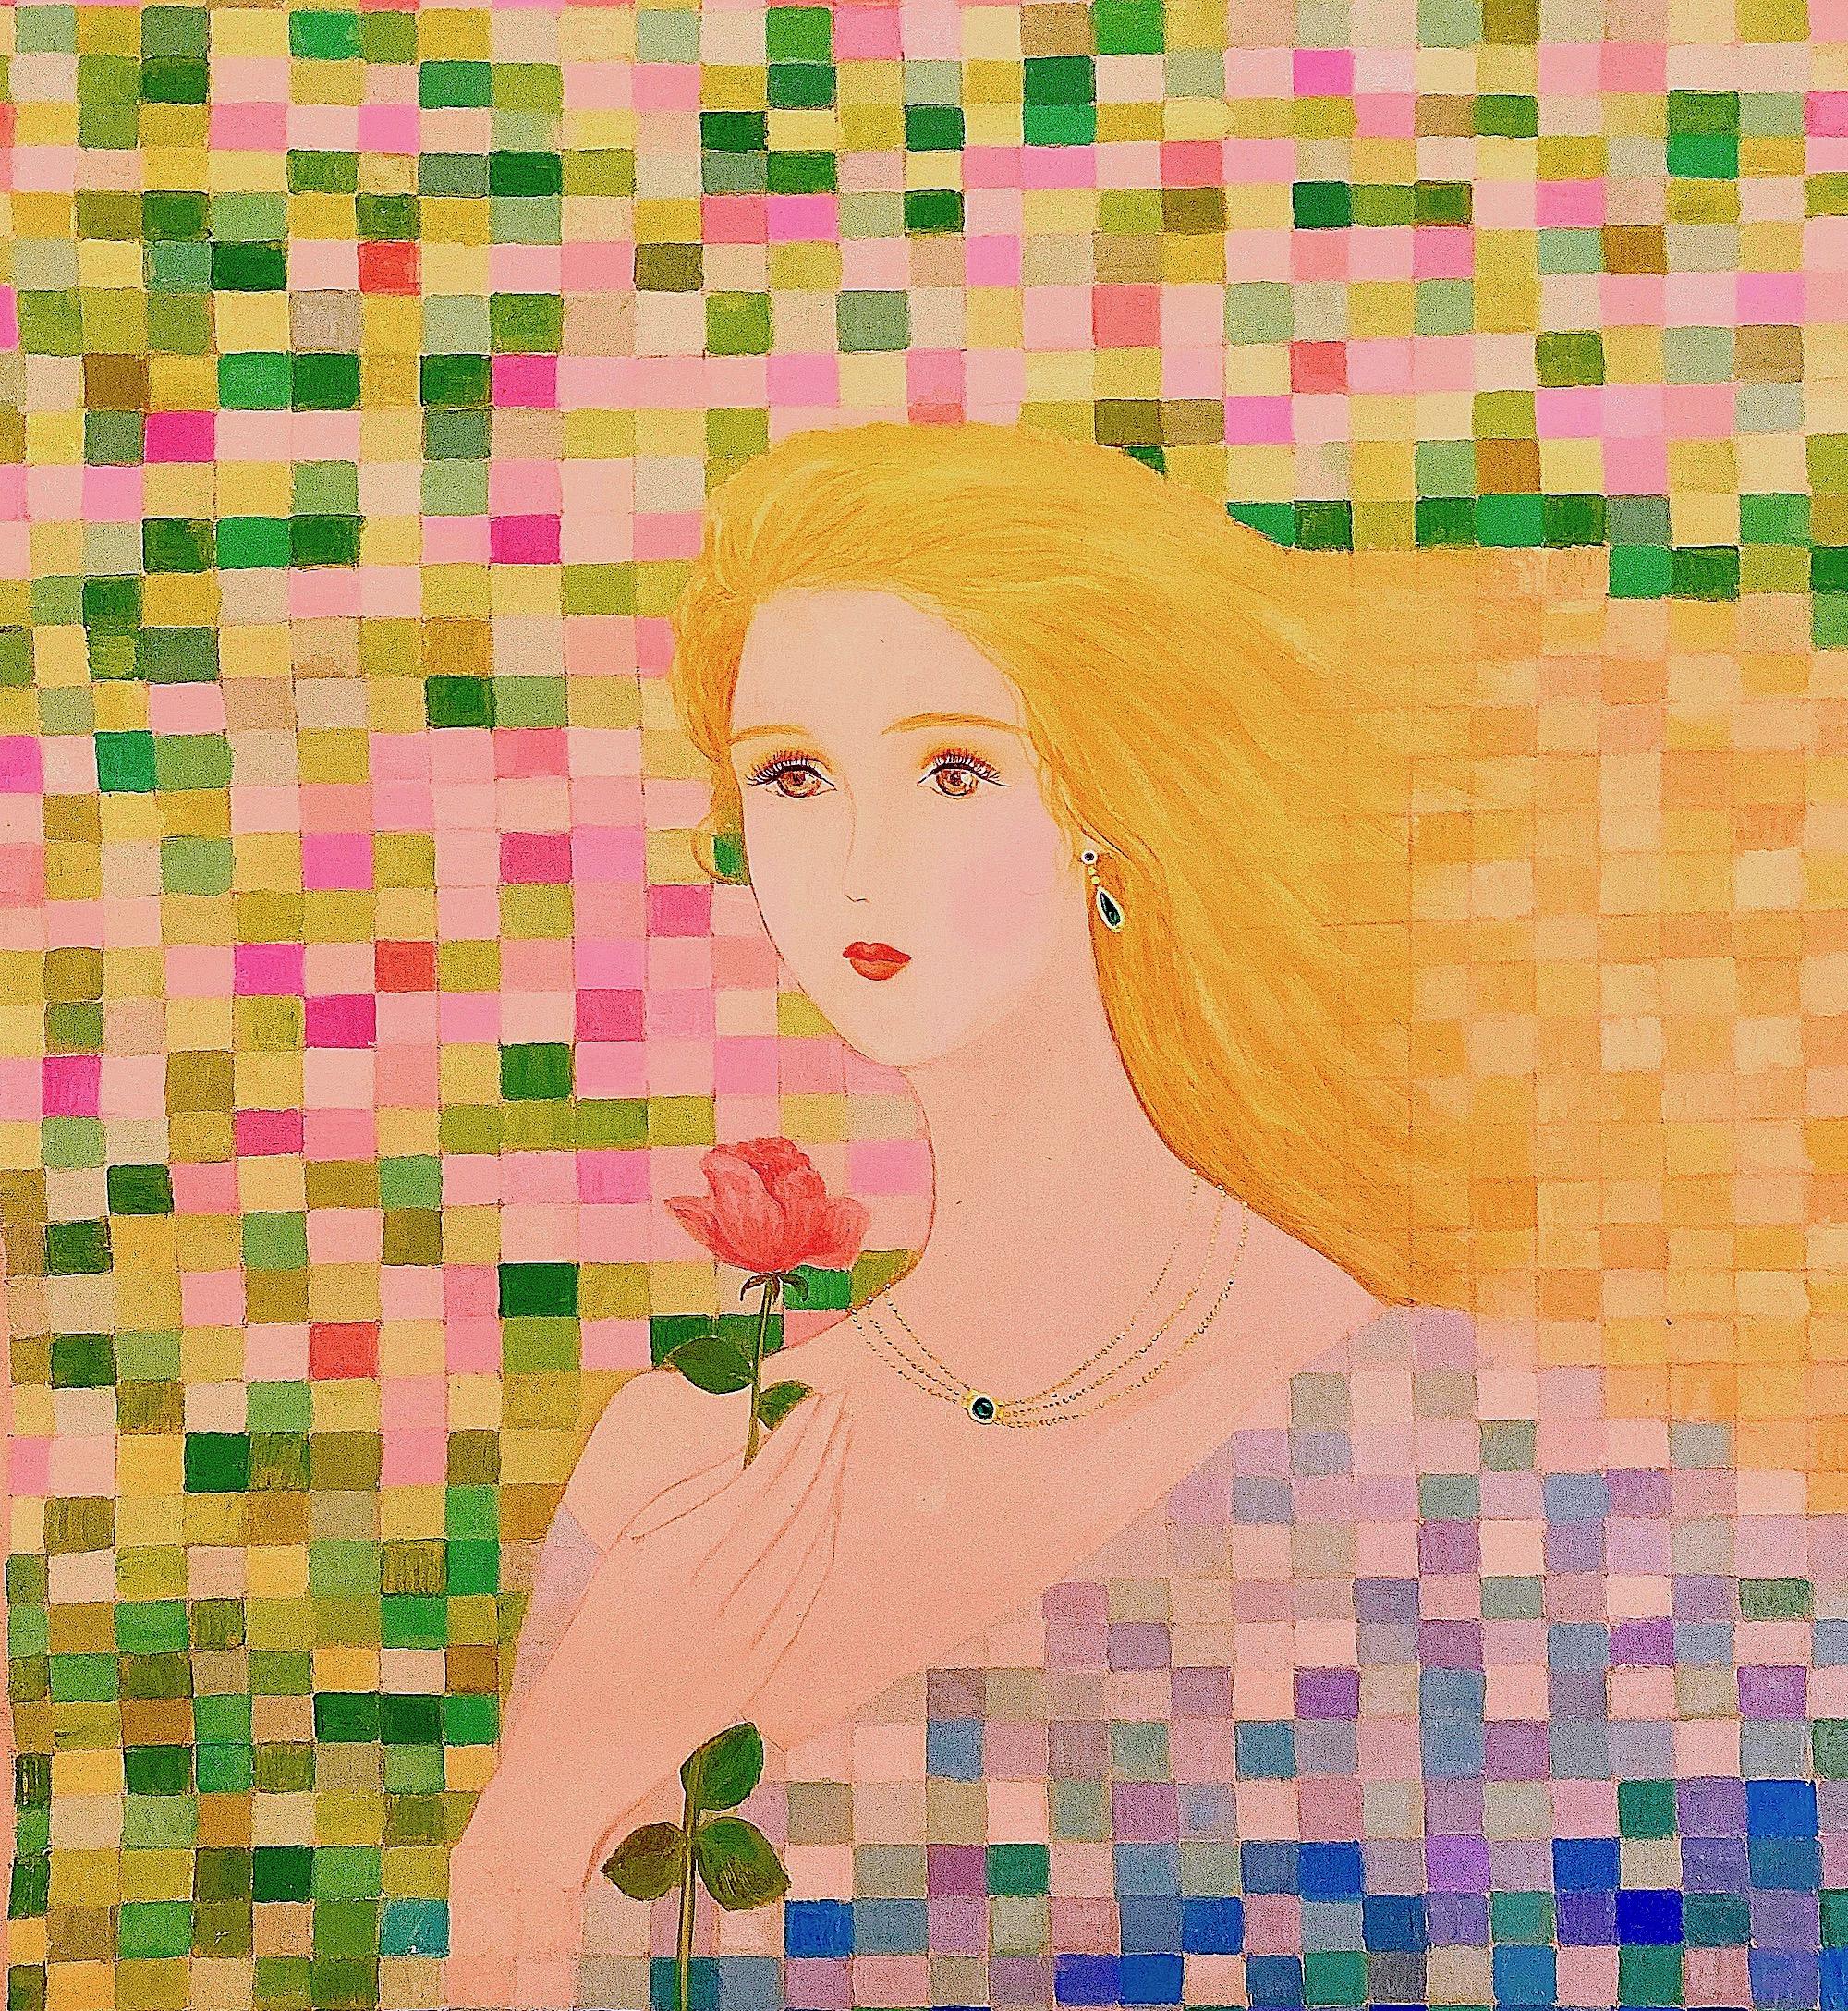 MAMI /. Images et Poésie, Douceur évanescente à l'Infini comme l'Air que l'on respire